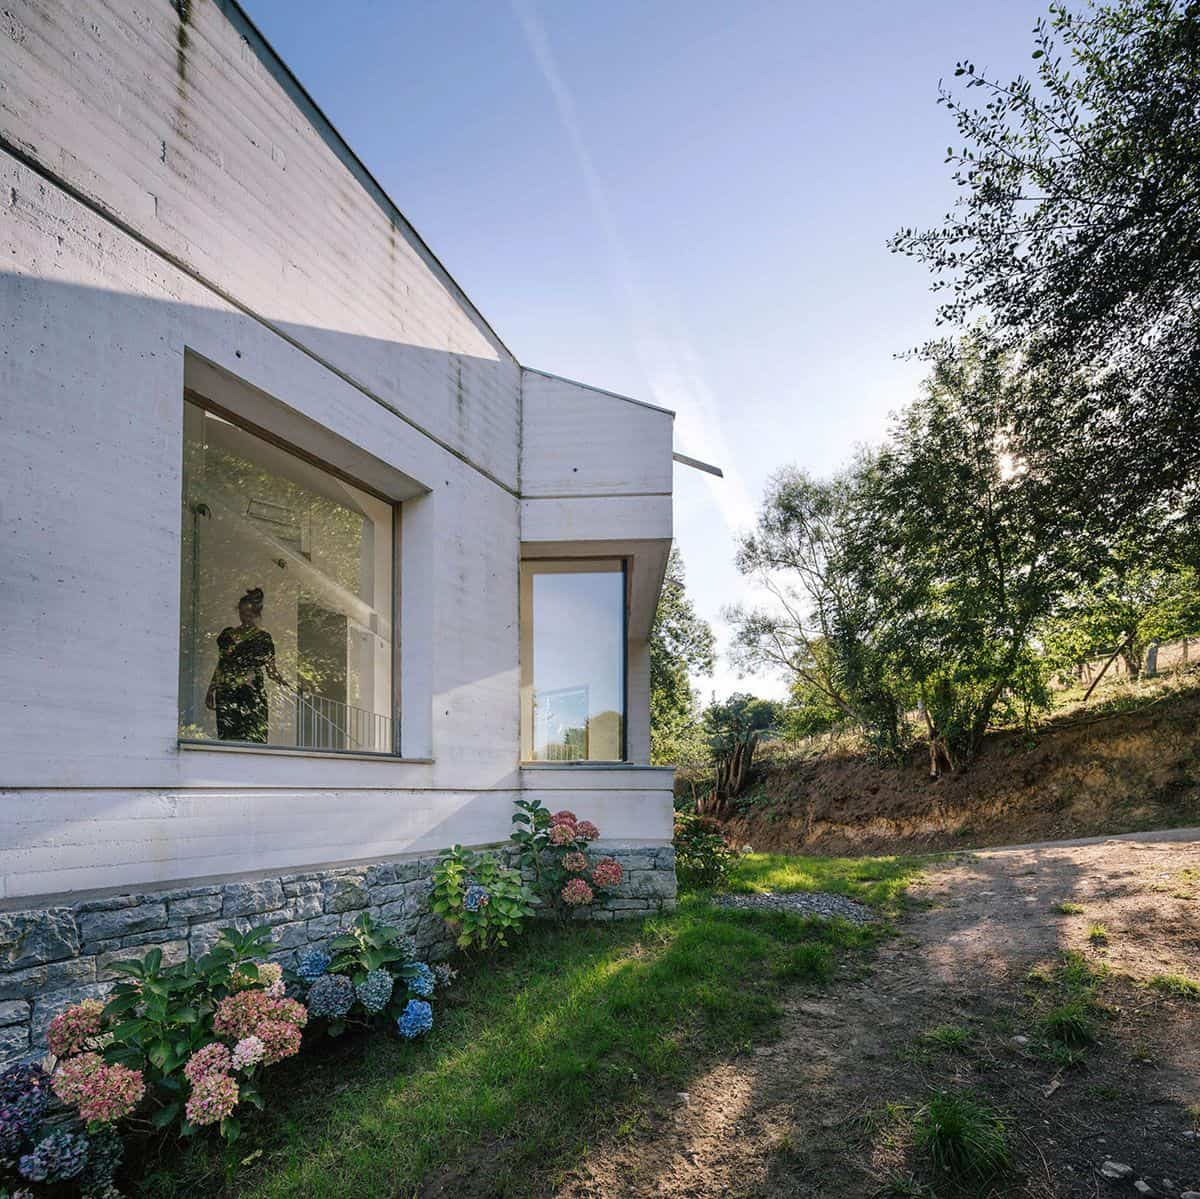 cortijo abandonado en asturias reformado completamente